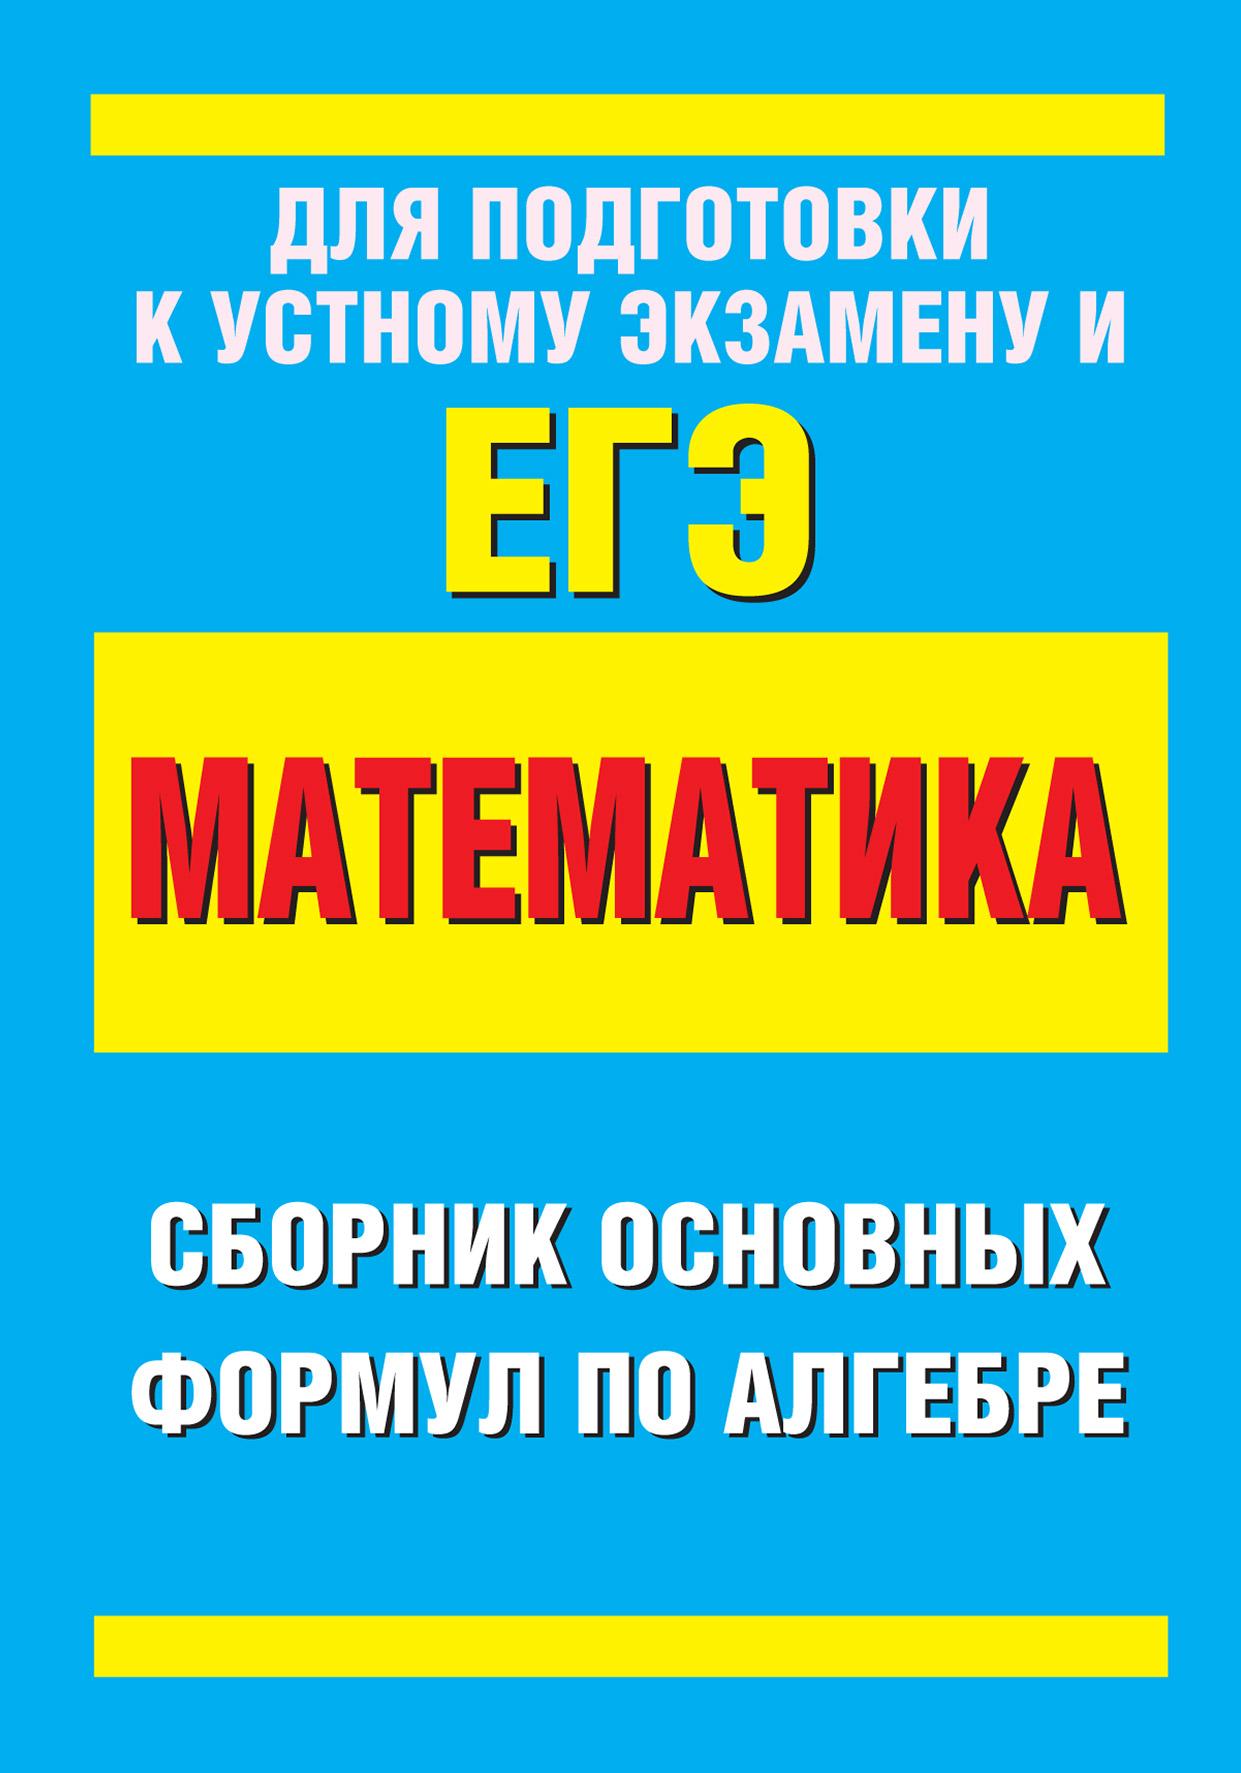 Отсутствует Сборник основных формул по алгебре